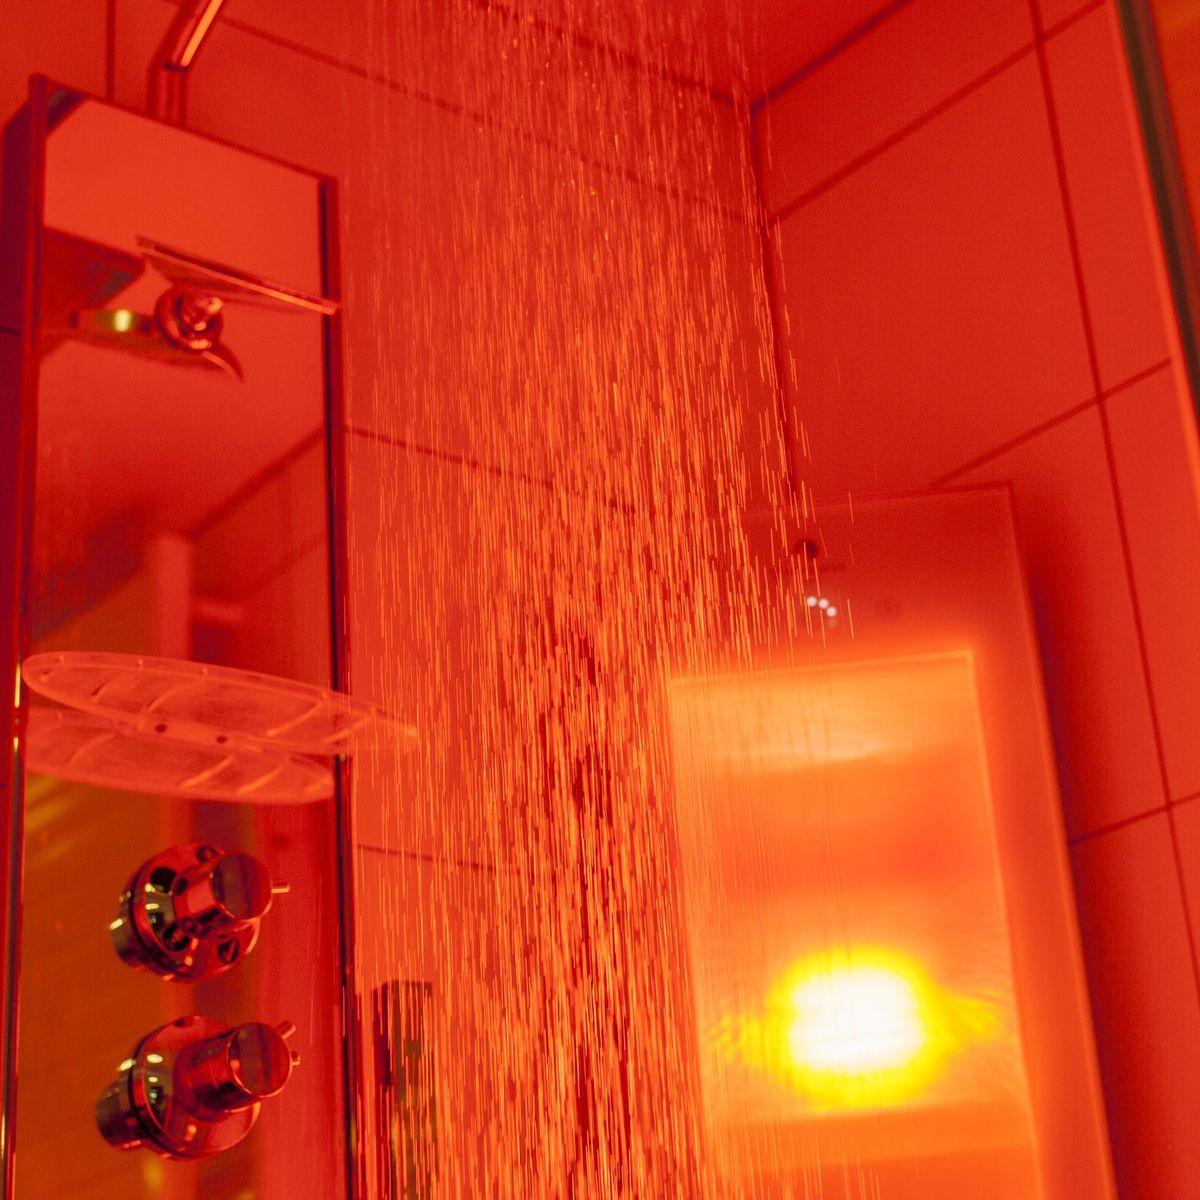 5-Persoons Luxe Vakantiehuis (A Luxe)